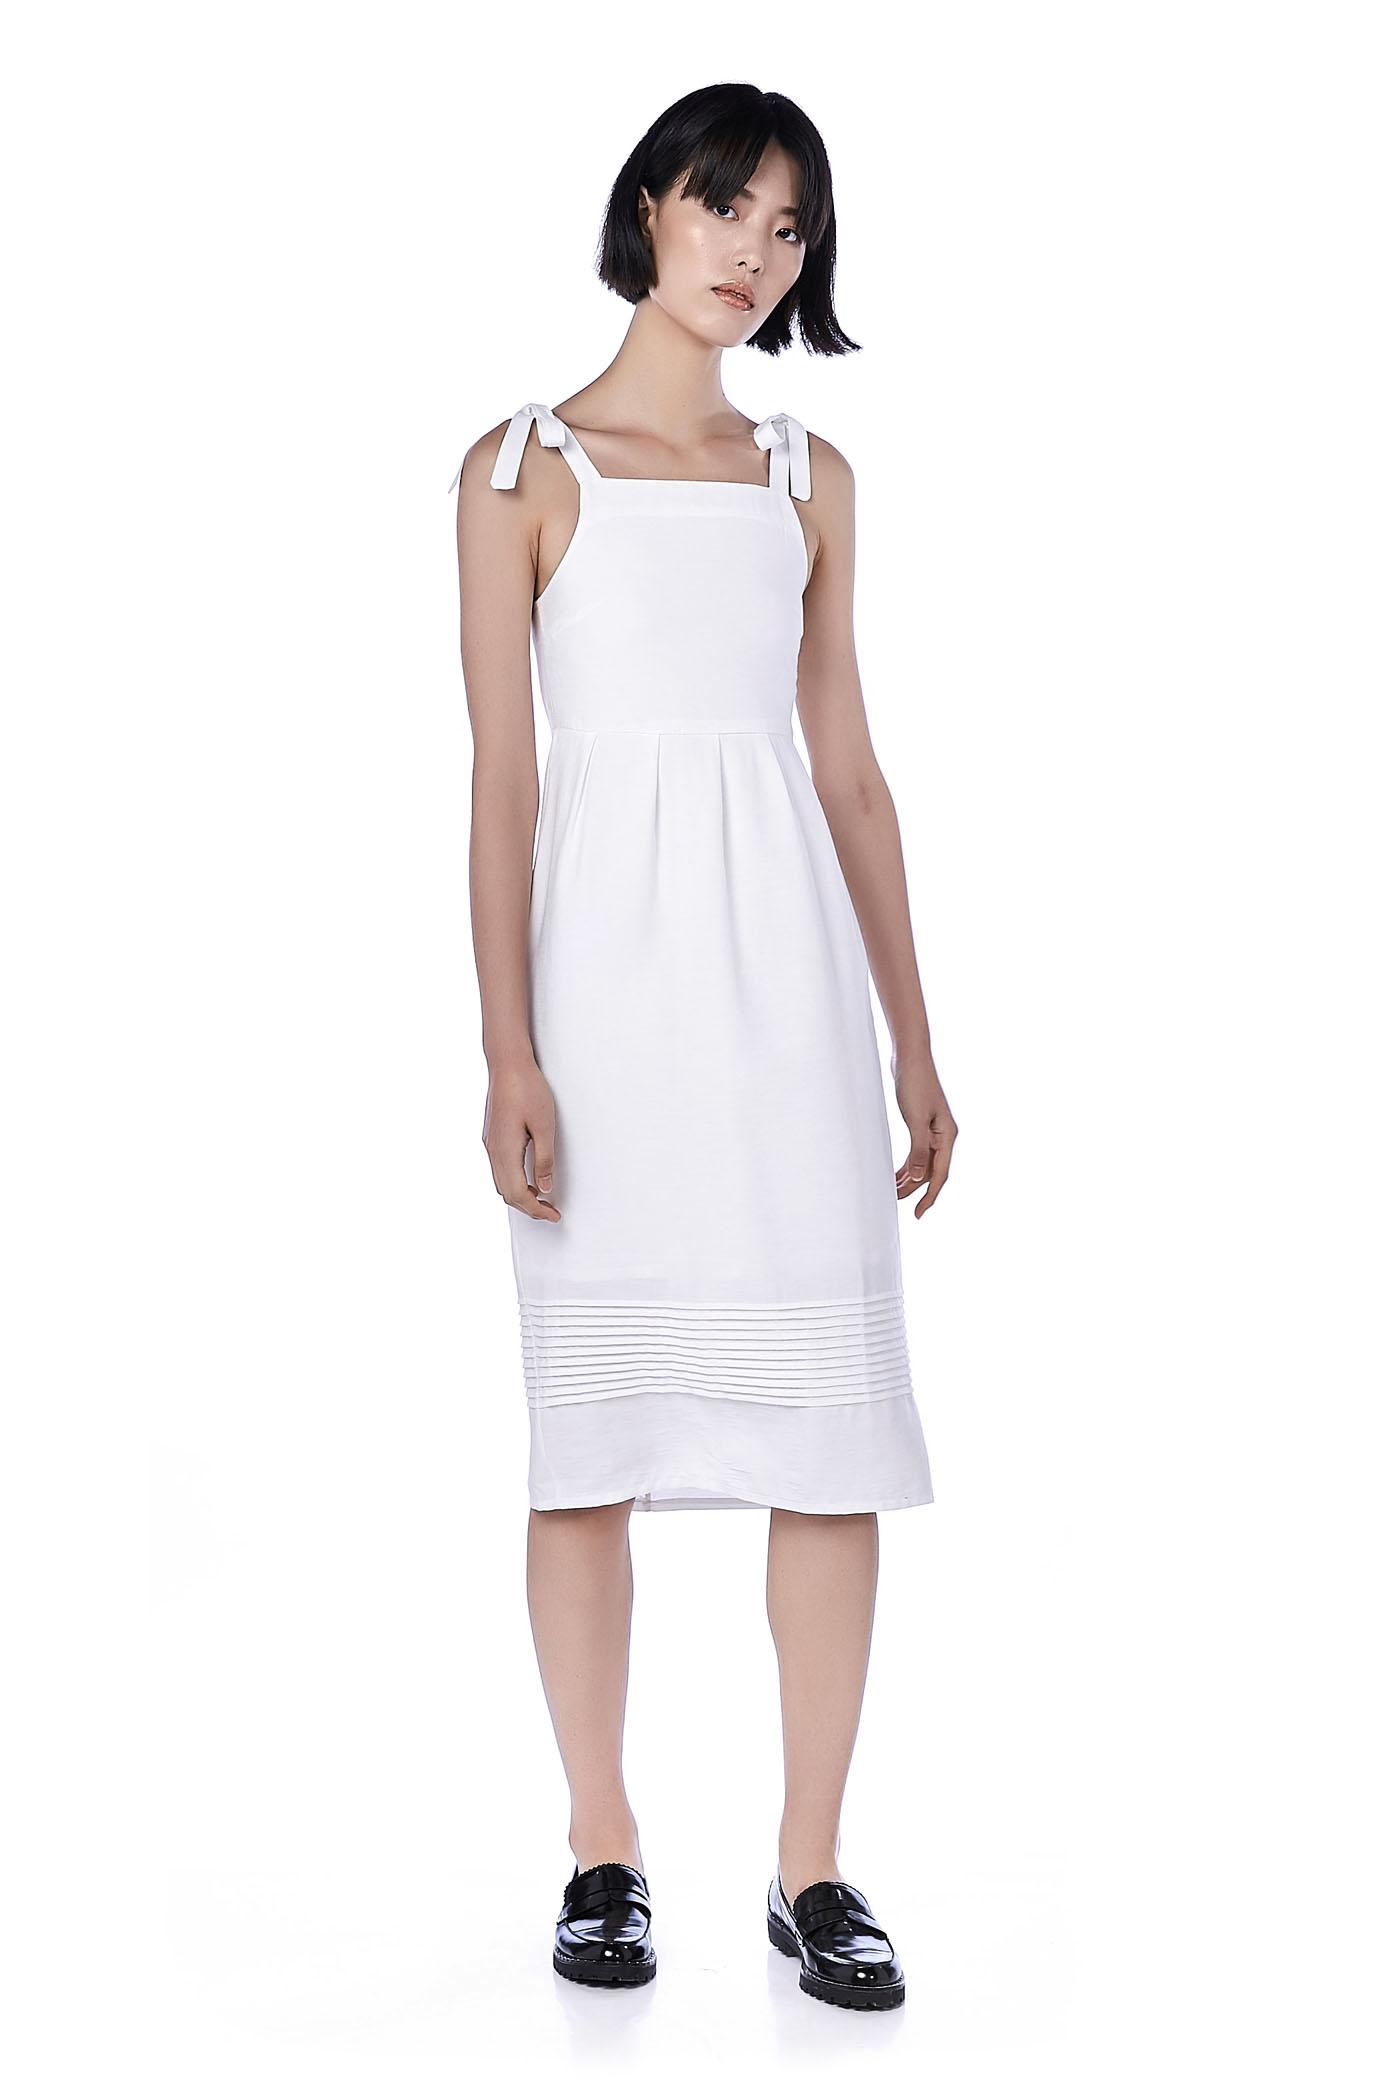 Kert Tie-Strap Dress